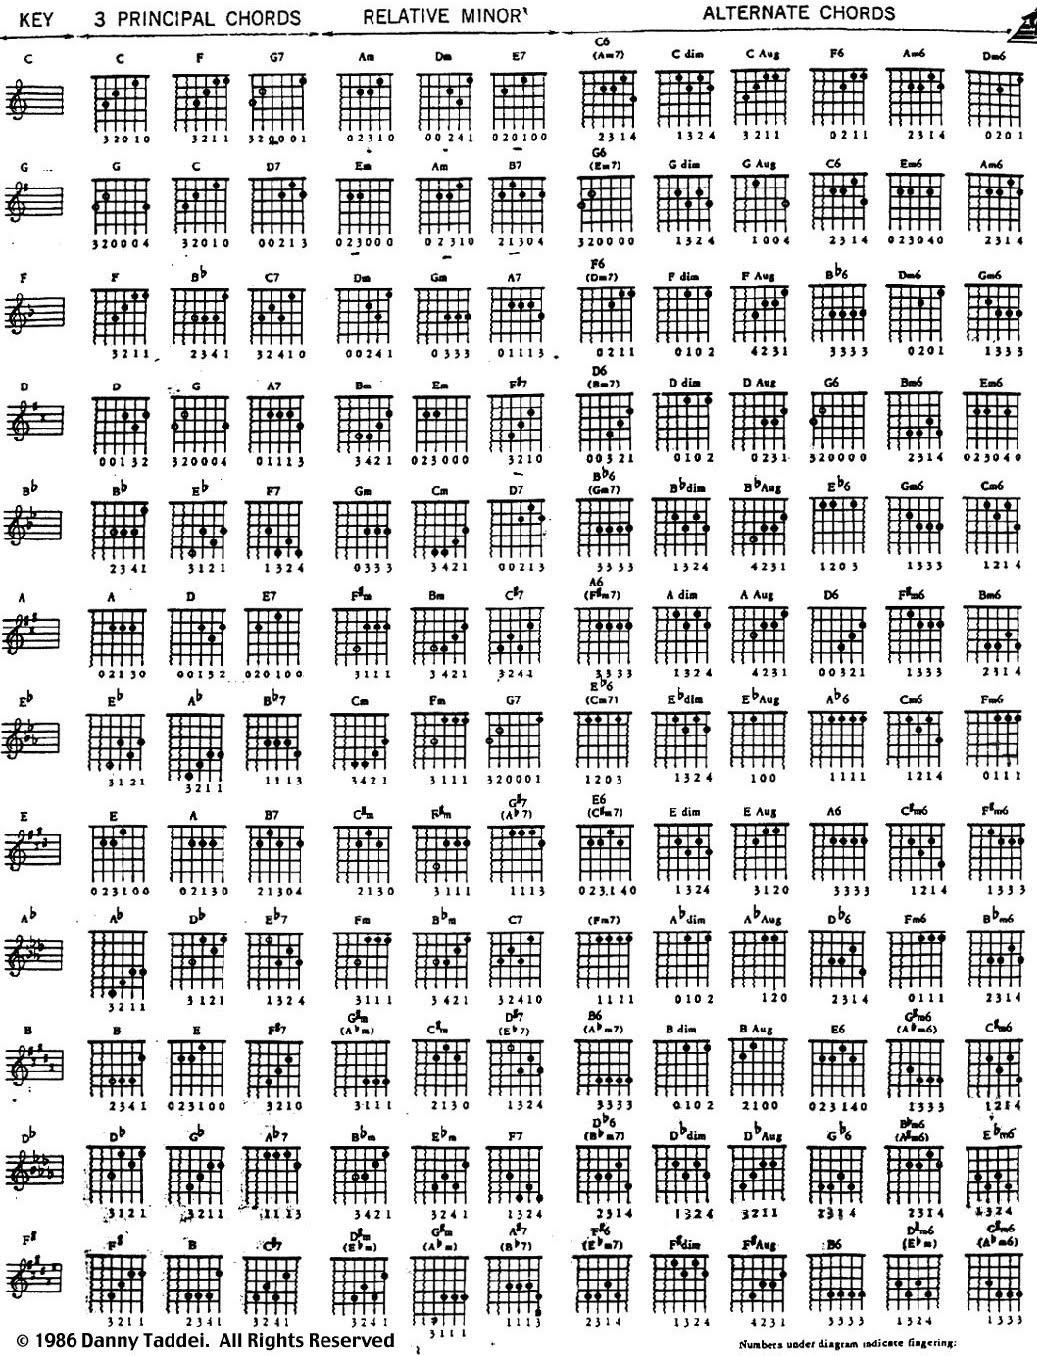 Guitar Chord Diagram  christoper at 29